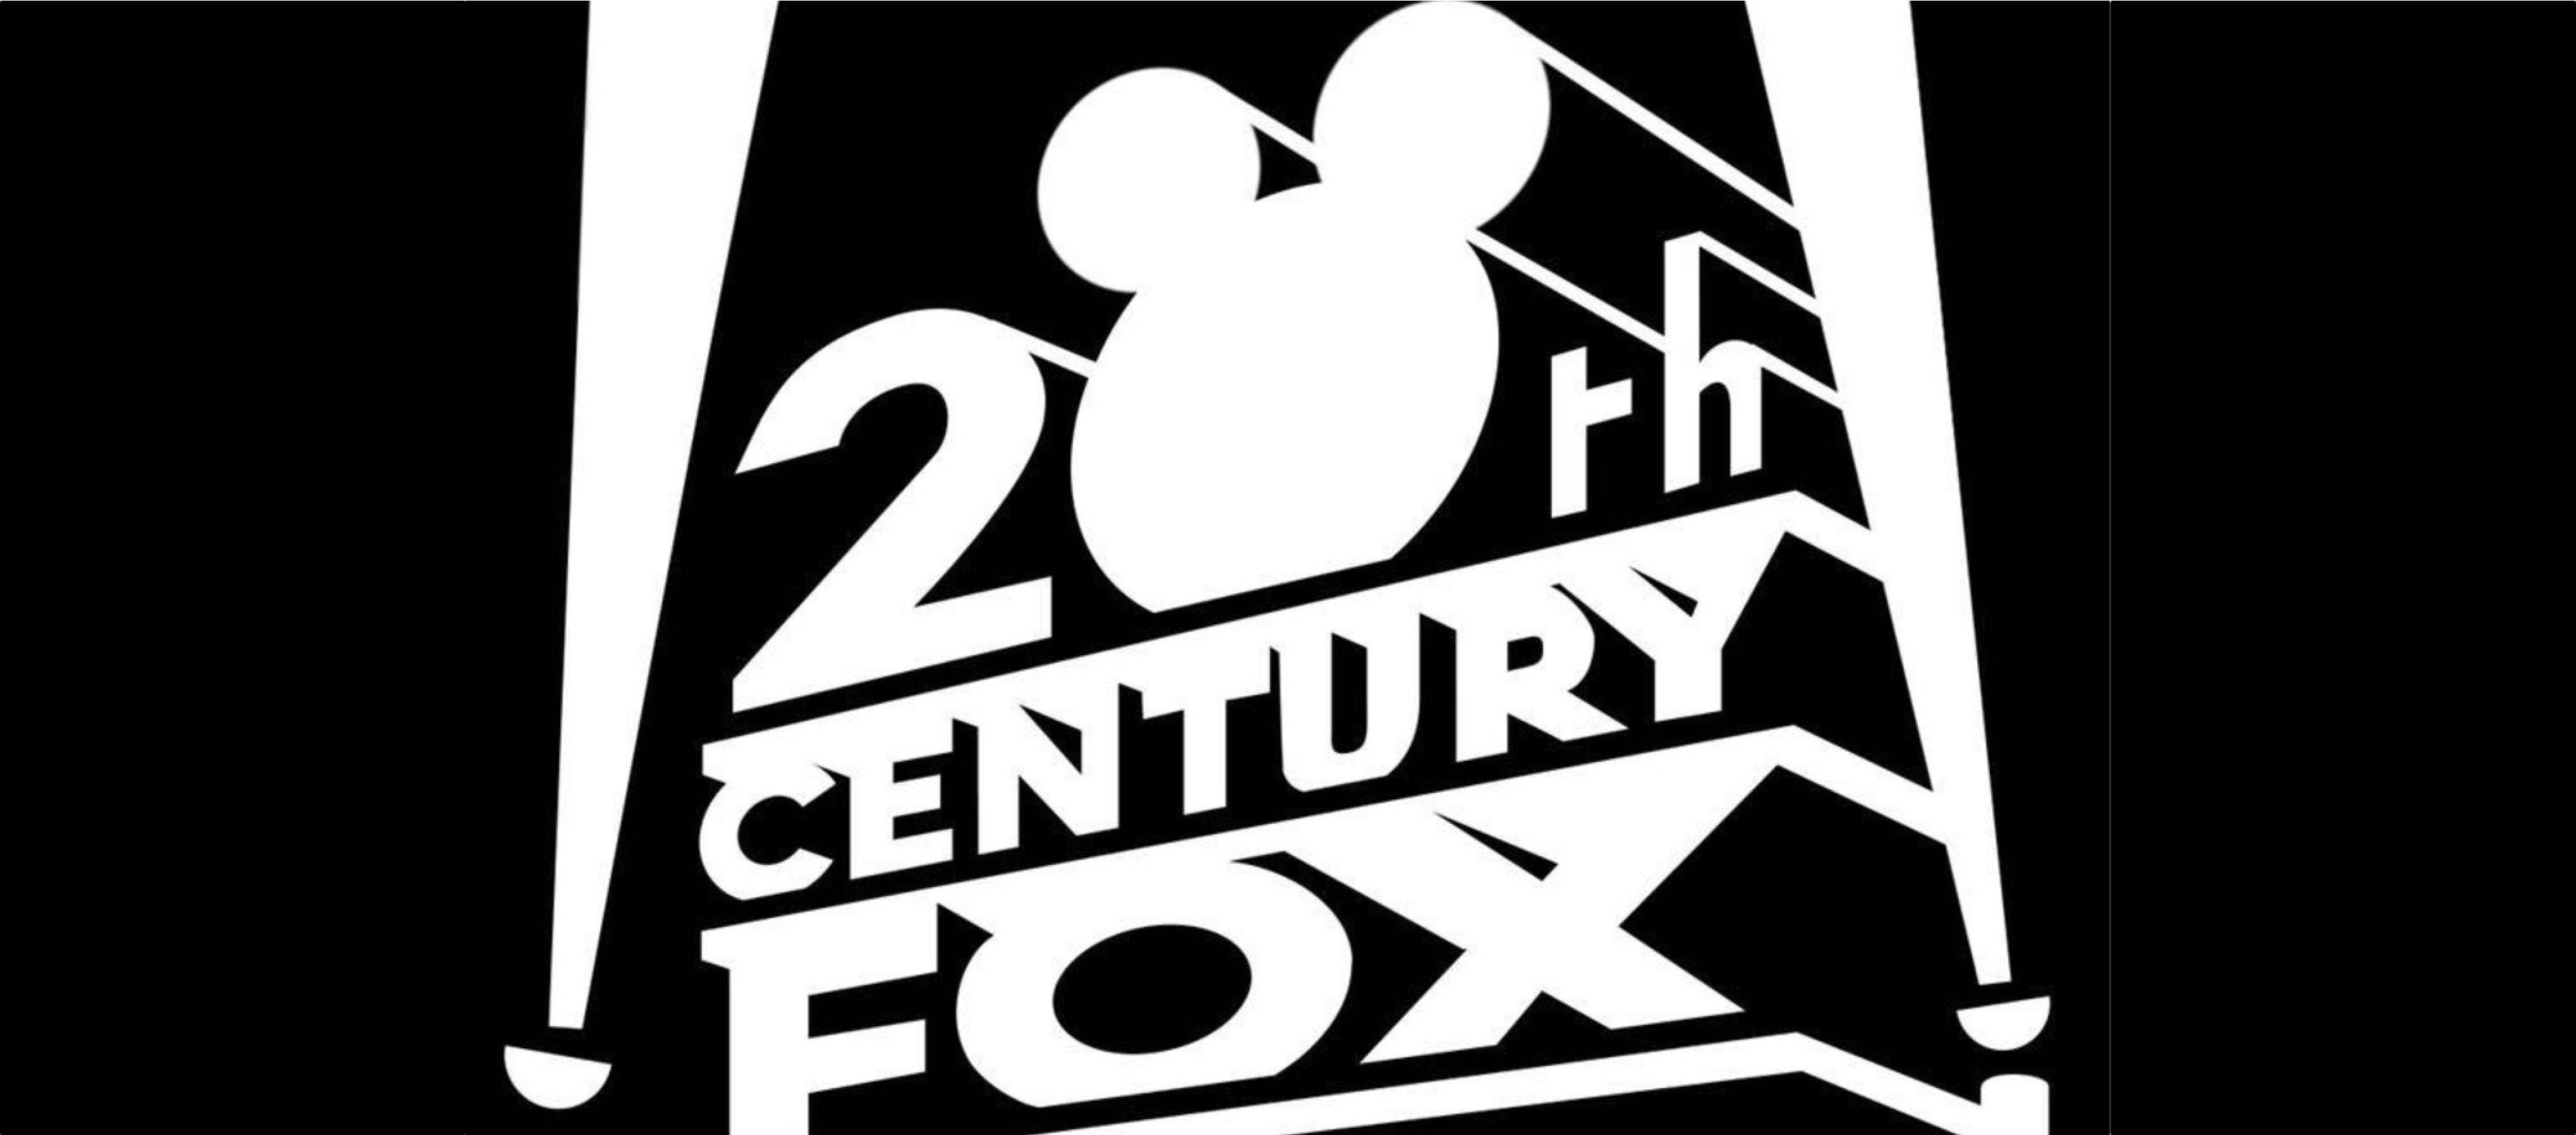 Disney Fox Acquisition Complete, Announces 21st Century Fox – /Film